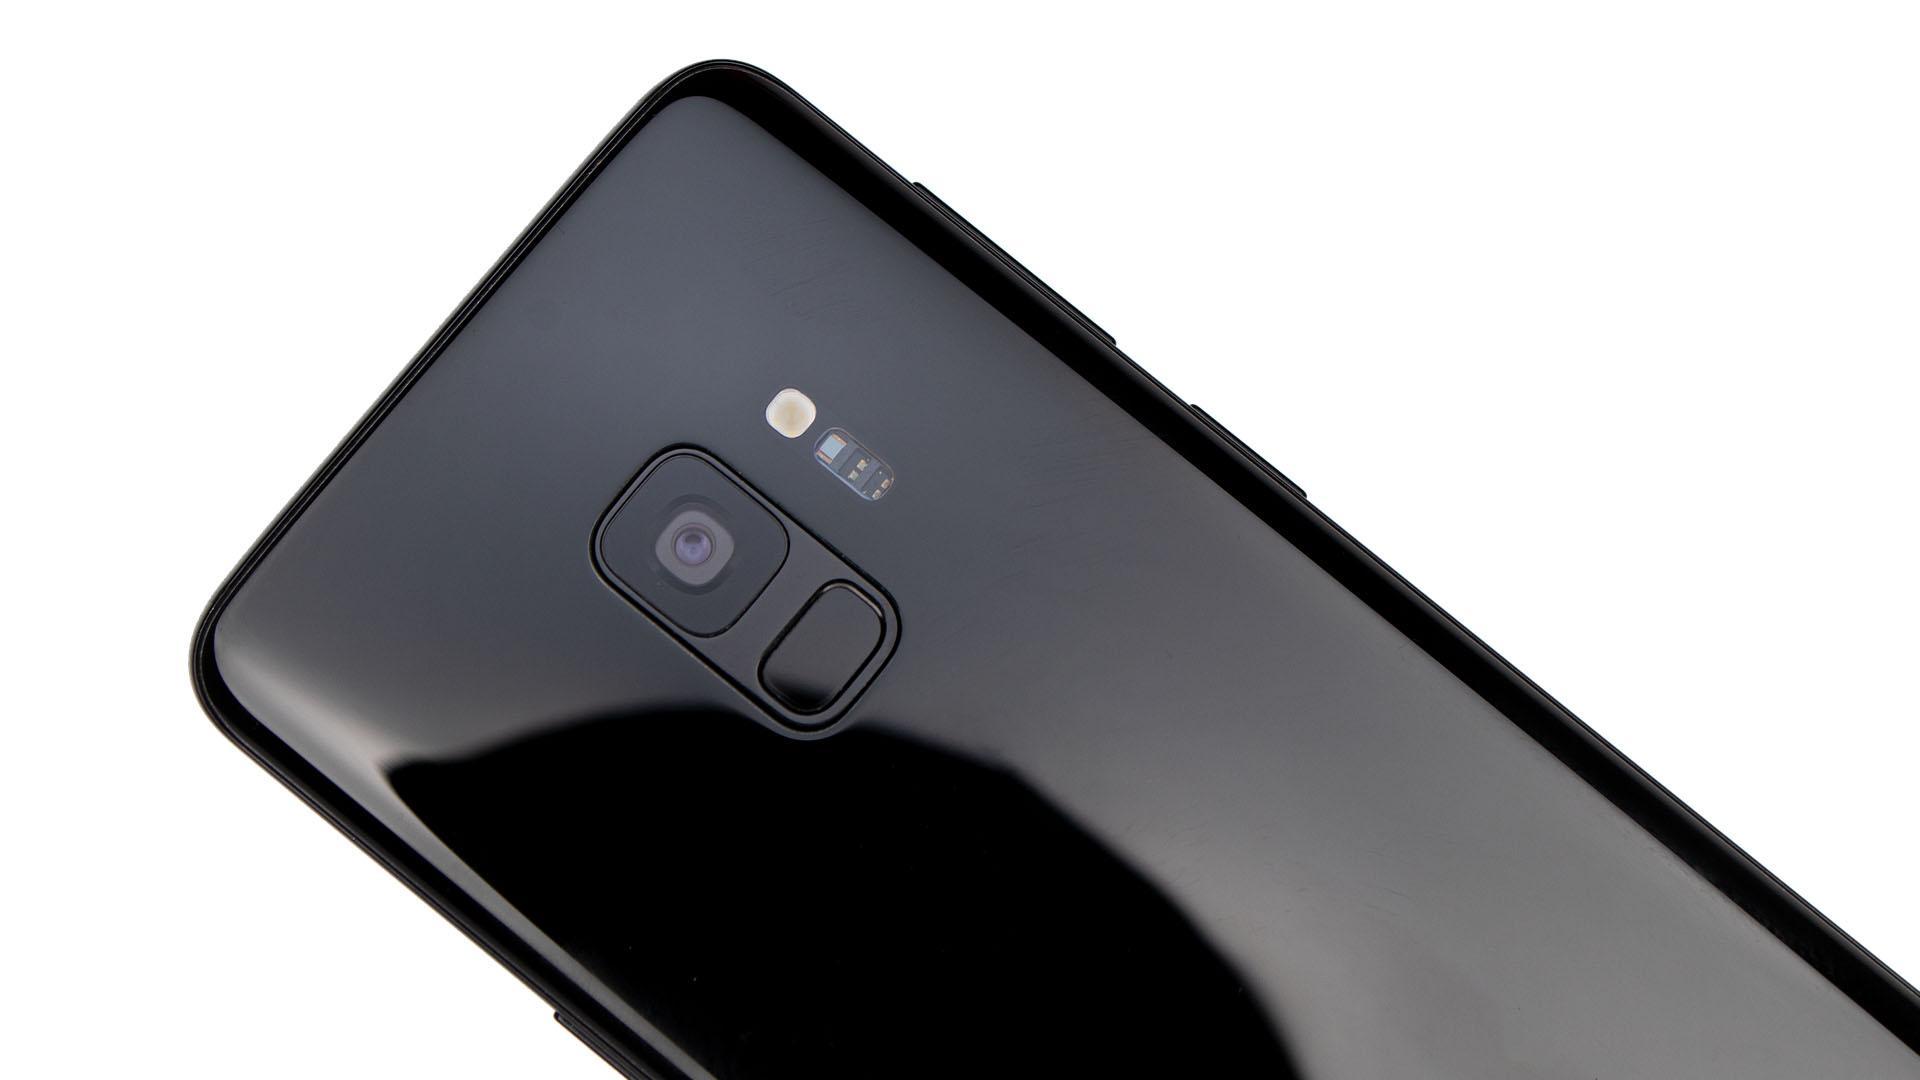 Galaxy S5 als Taschenlampe benutzen - so geht's